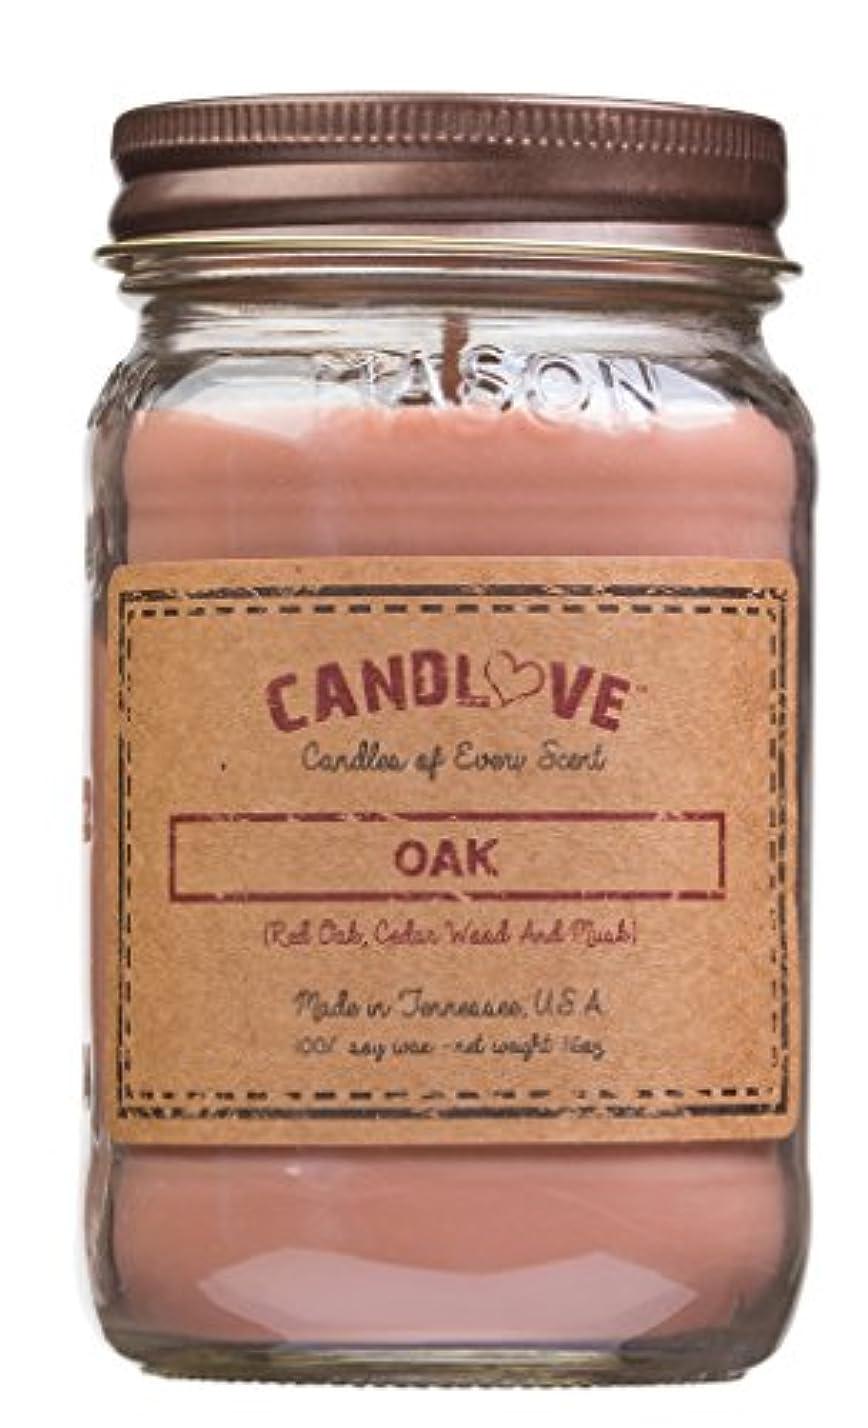 専門用語リダクター隣接Candlove「オーク」香りつき16oz Mason Jar Candle 100 %大豆Made in the USA